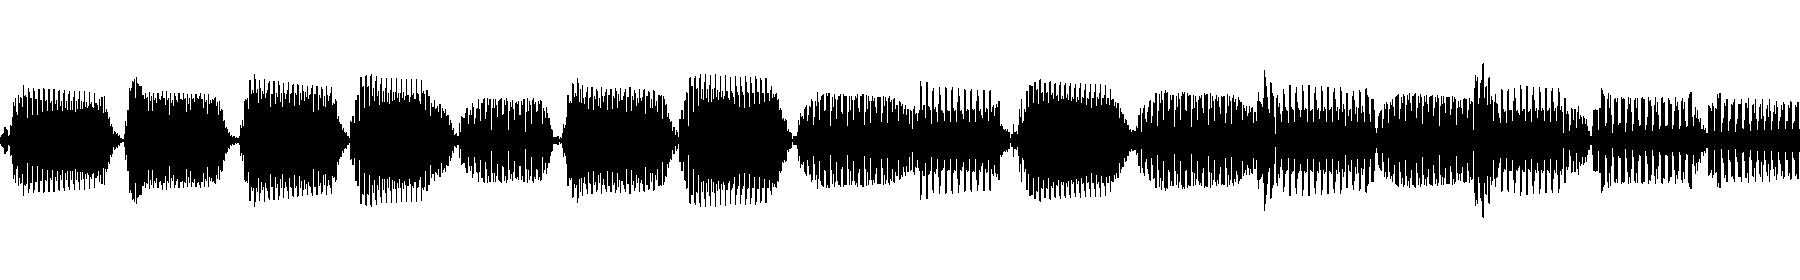 blbc jazzyripper 110 e